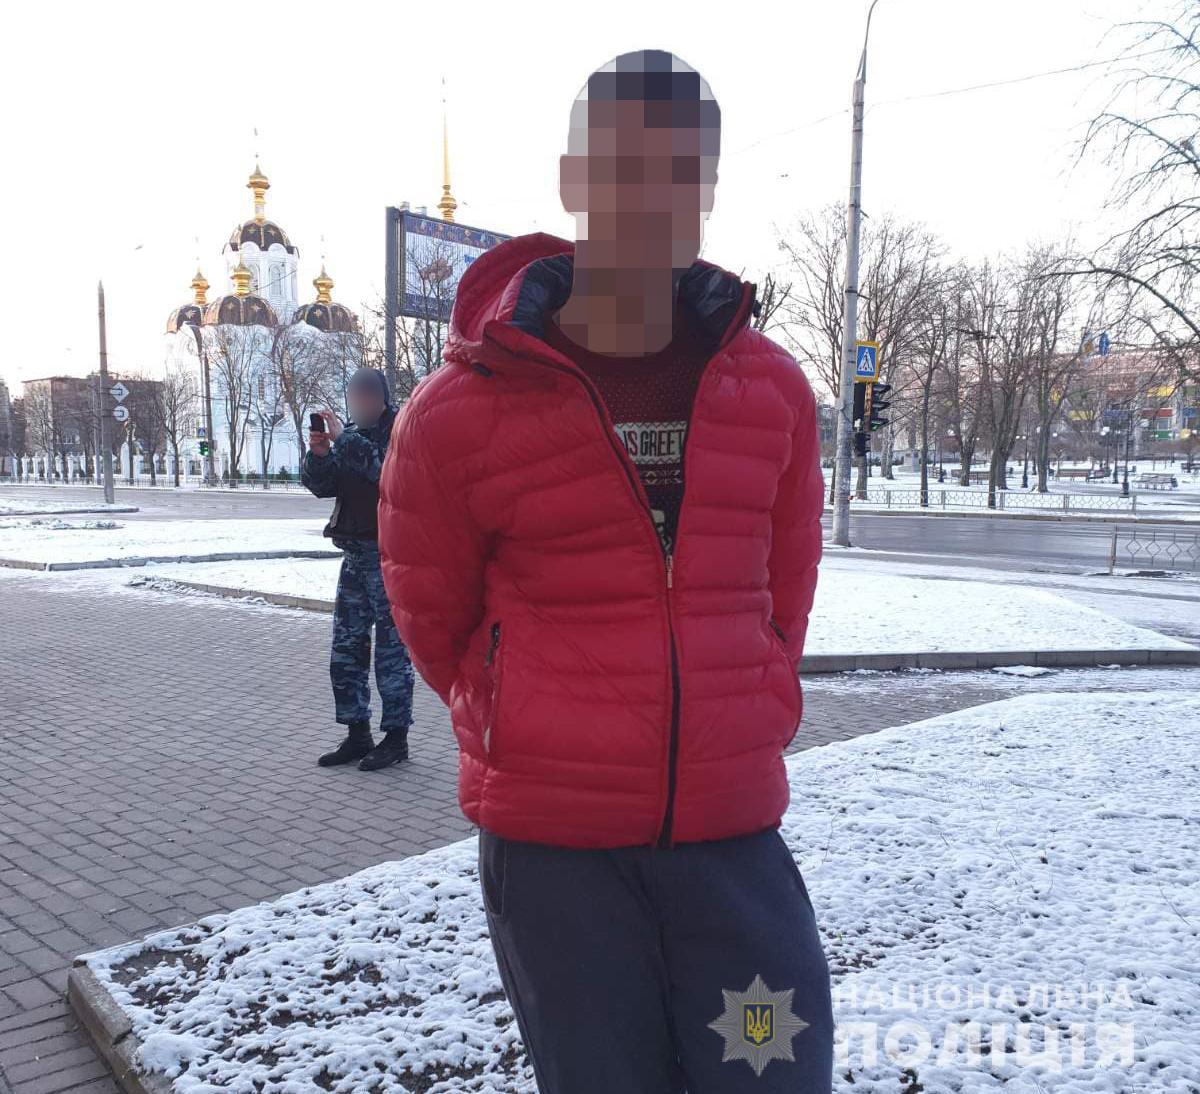 Харьковчанин пытался обокрасть офисы на сигнализации, разбив металлопластиковую дверь (фото)